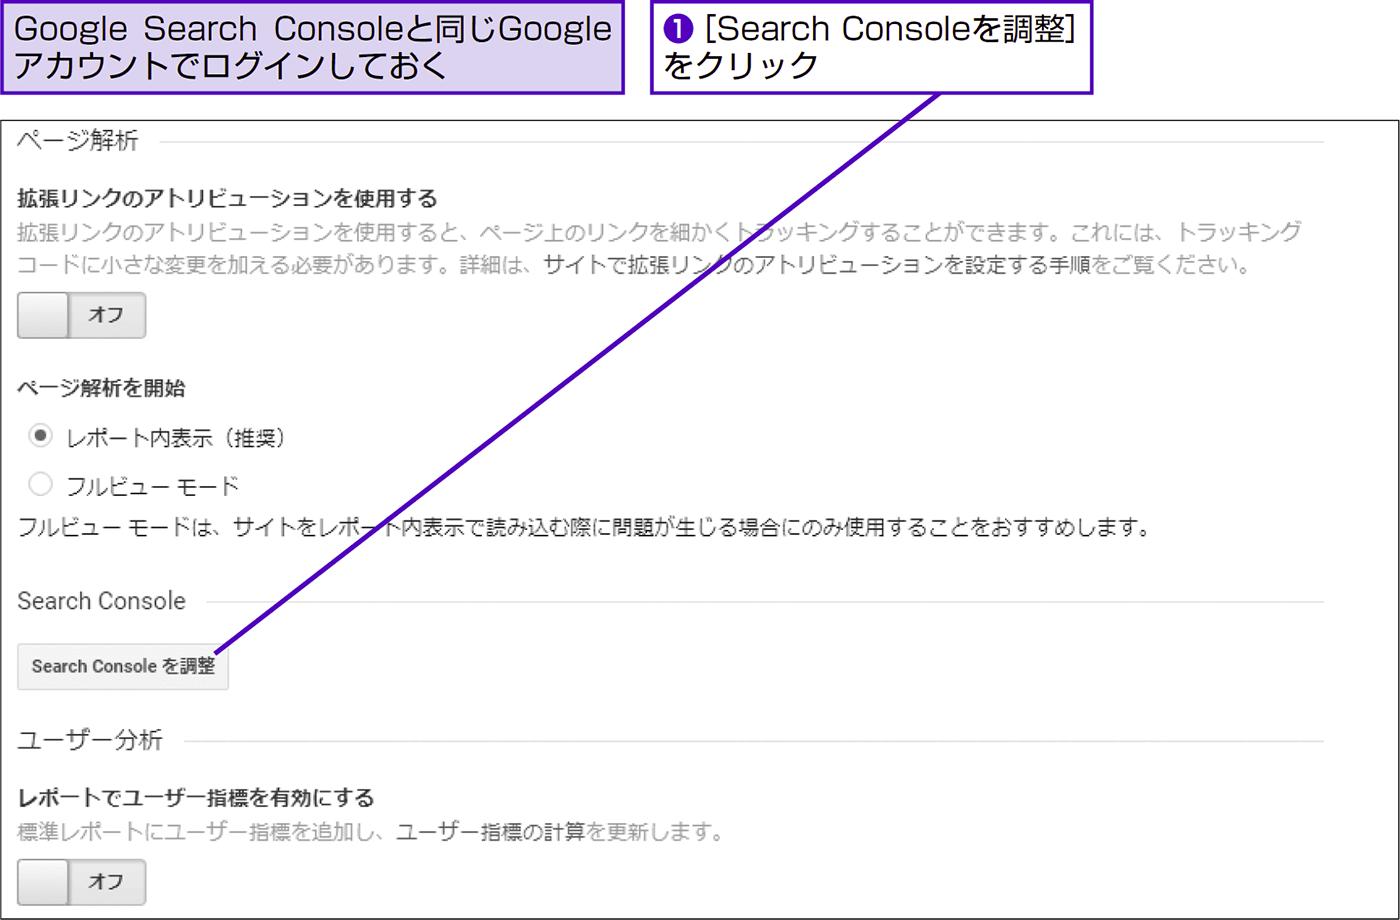 Google Search Consoleのアカウントとリンクする - できる逆引き Googleアナリティクス 増補改訂2版